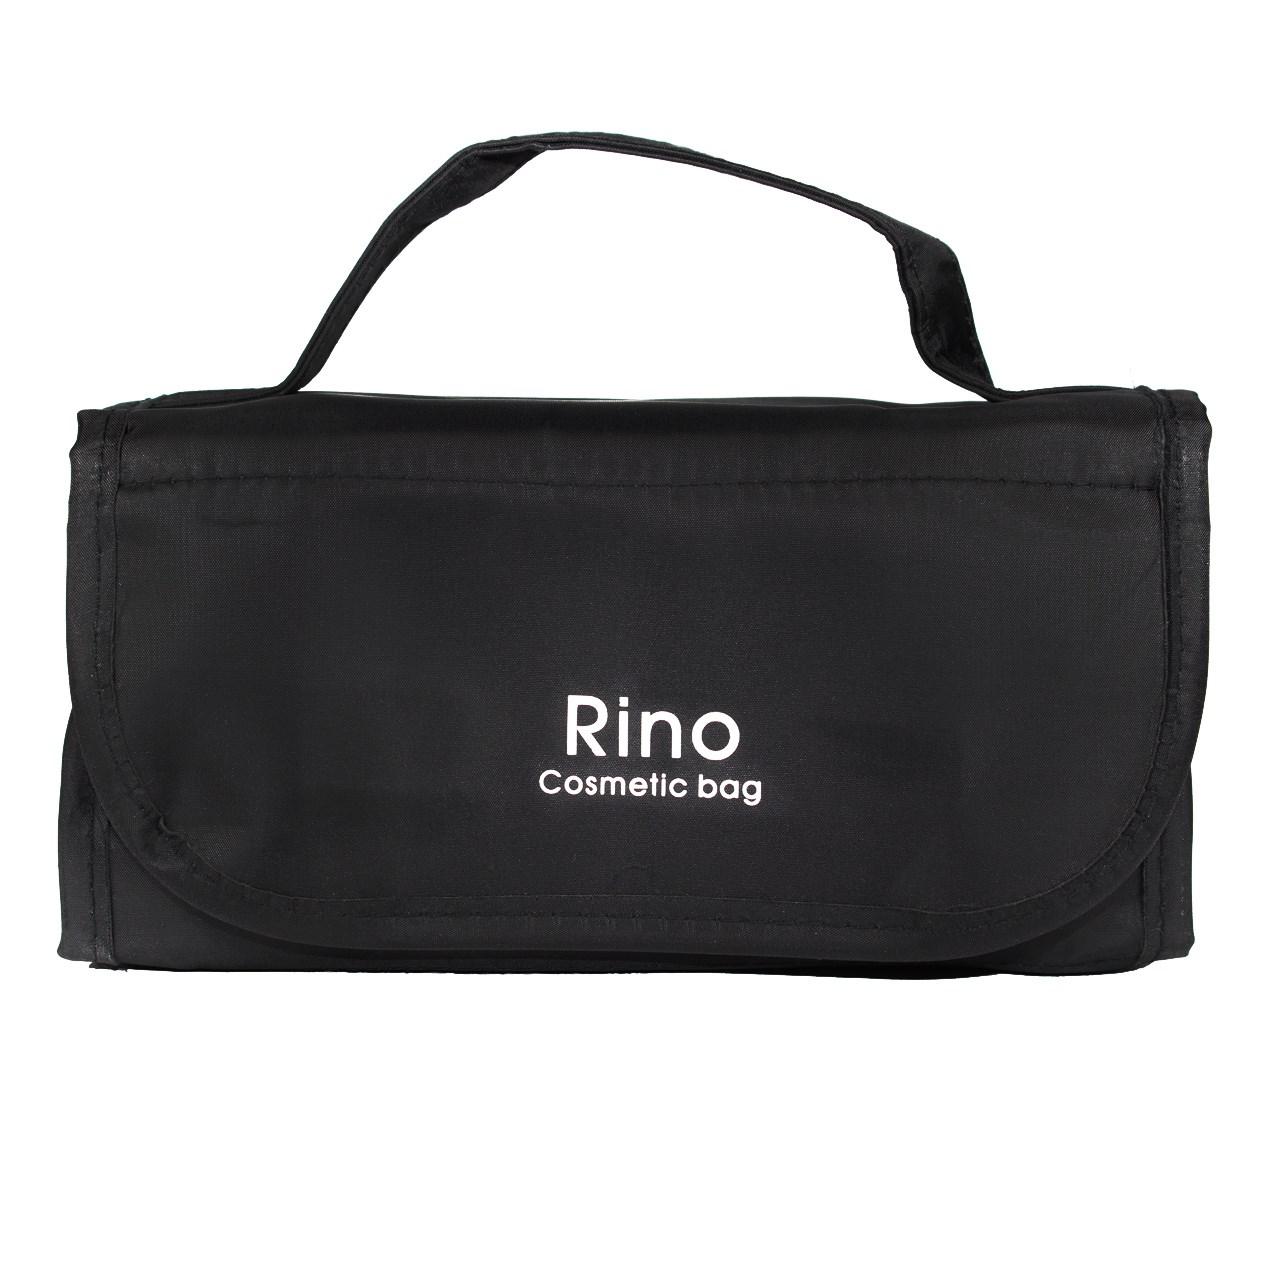 عکس کیف لوازم آرایش رولی مدل Rino کد 01